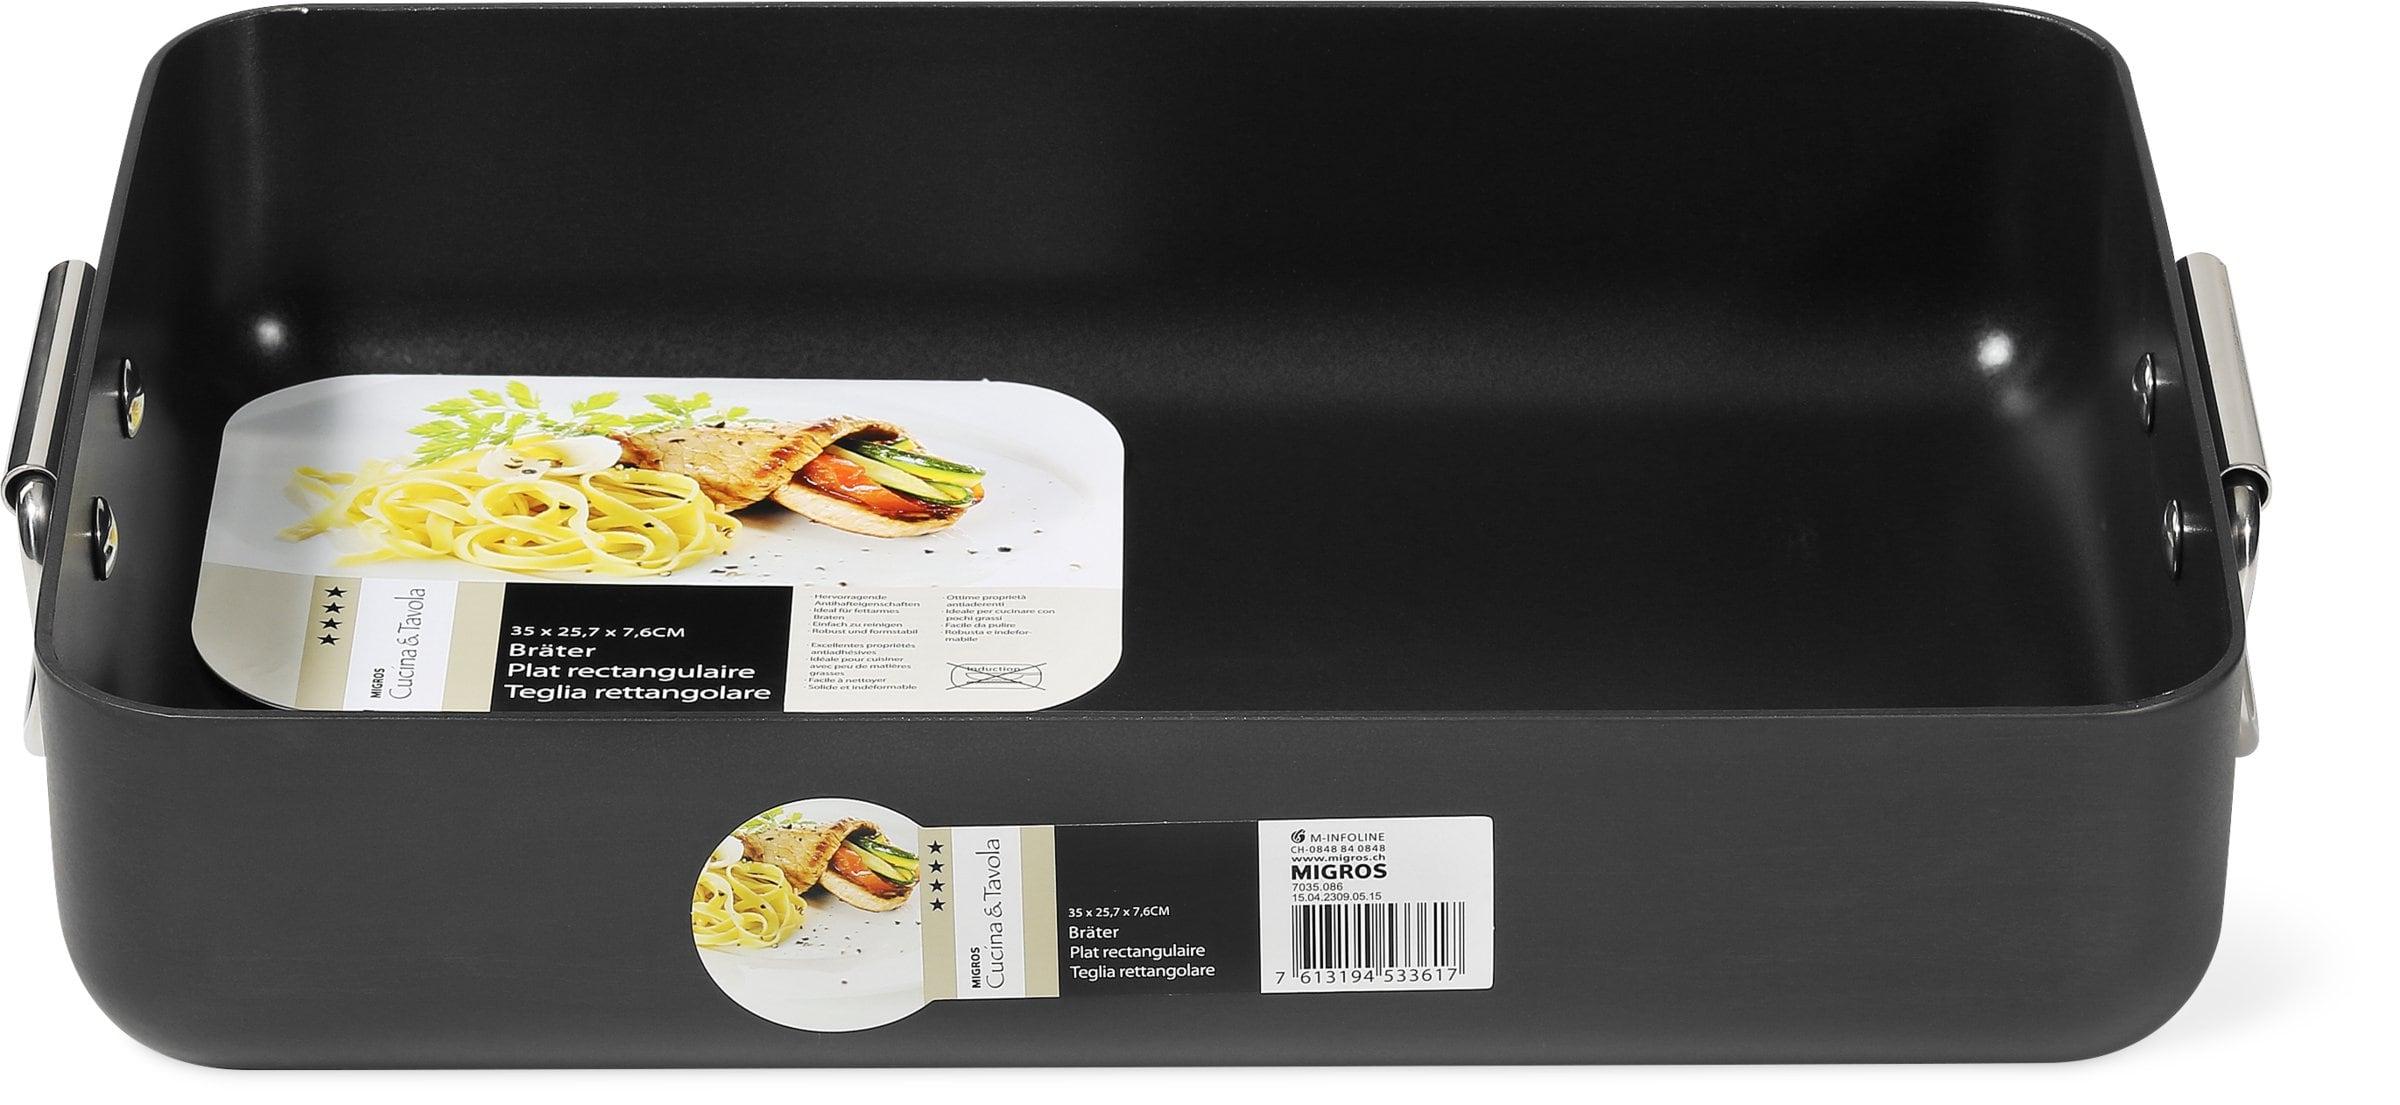 Cucina & Tavola CUCINA & TAVOLA Teglia rettangolare